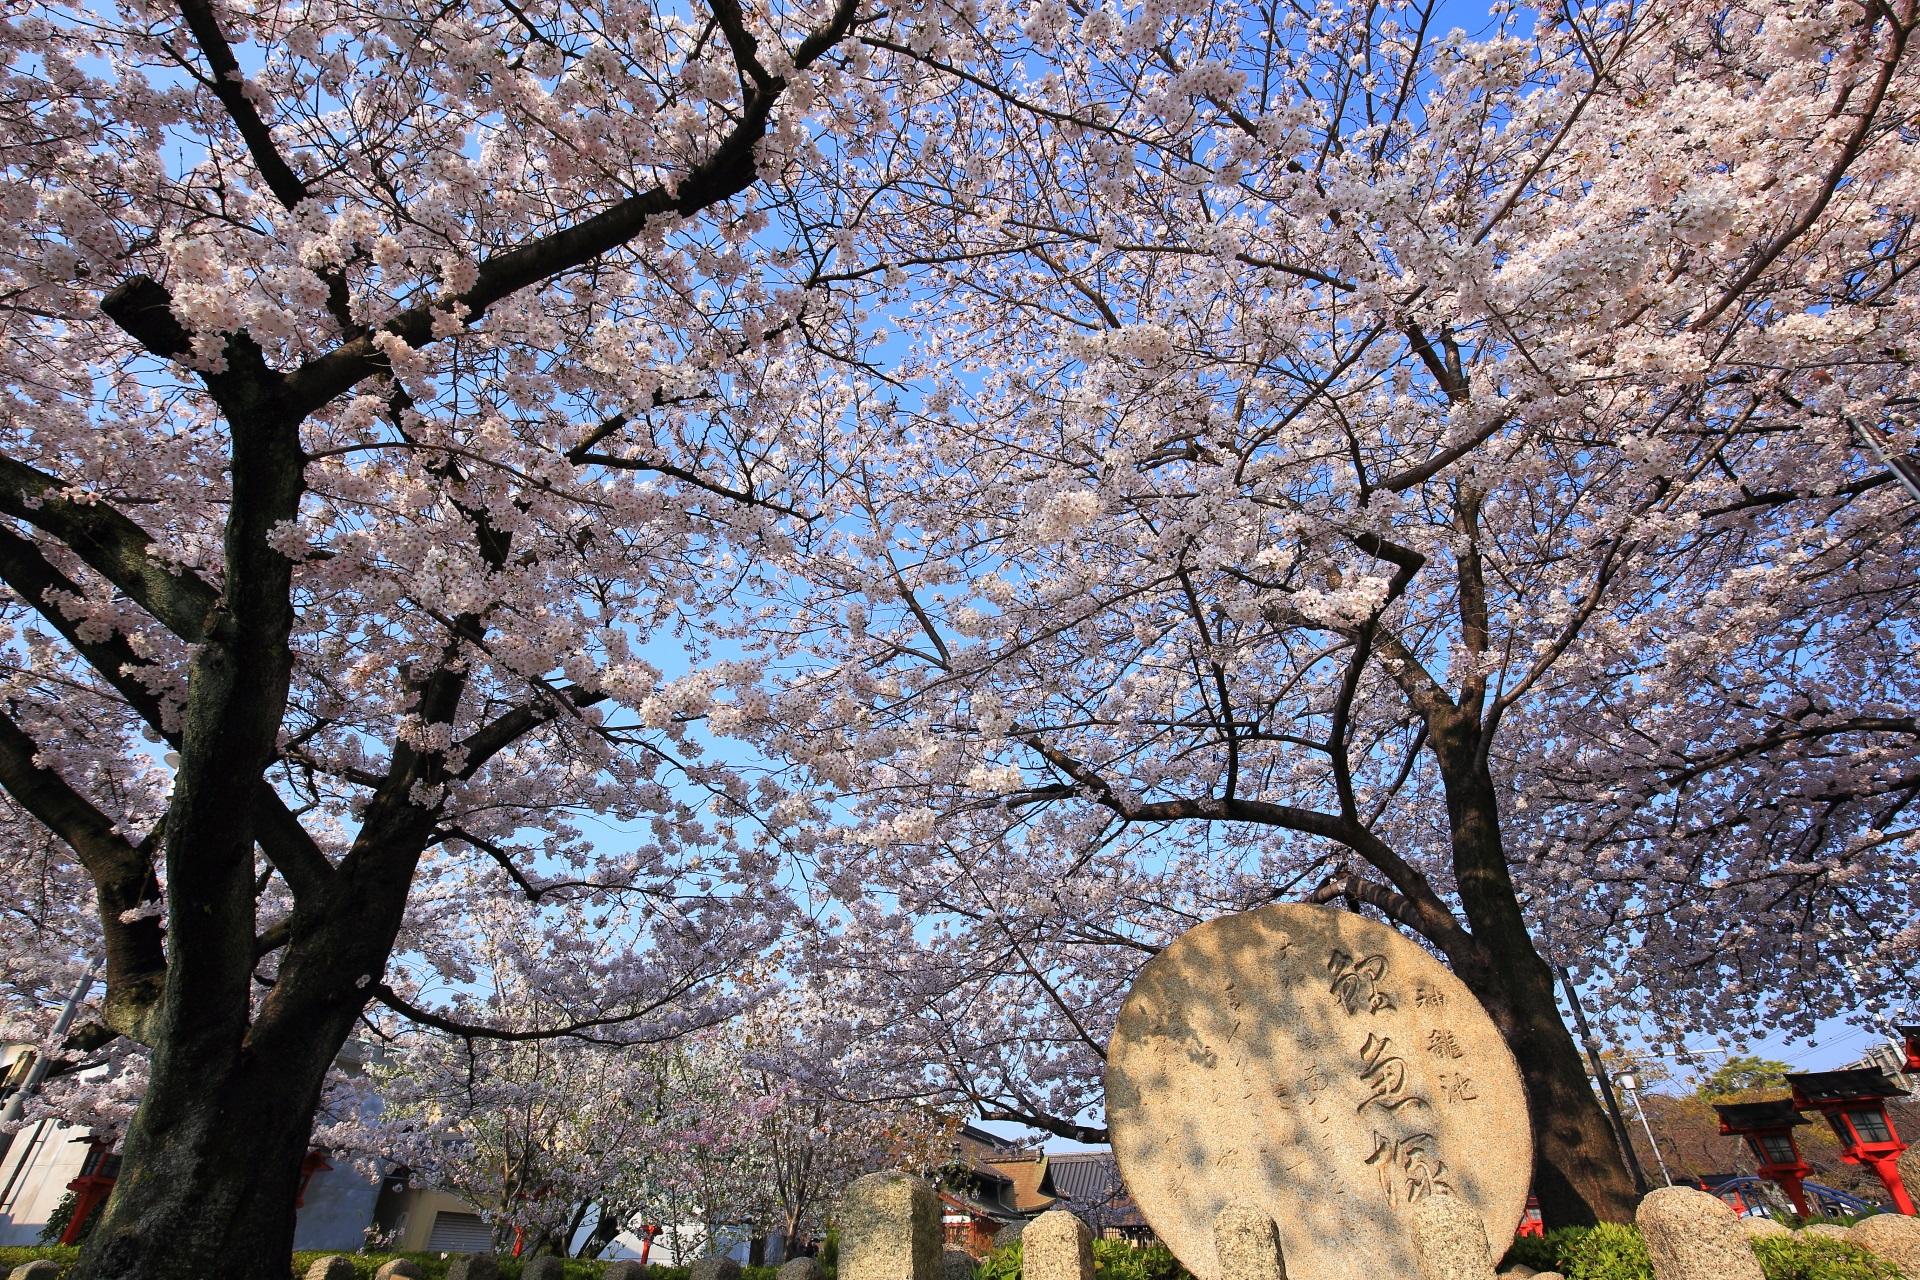 六孫王神社の鯉魚塚と桜